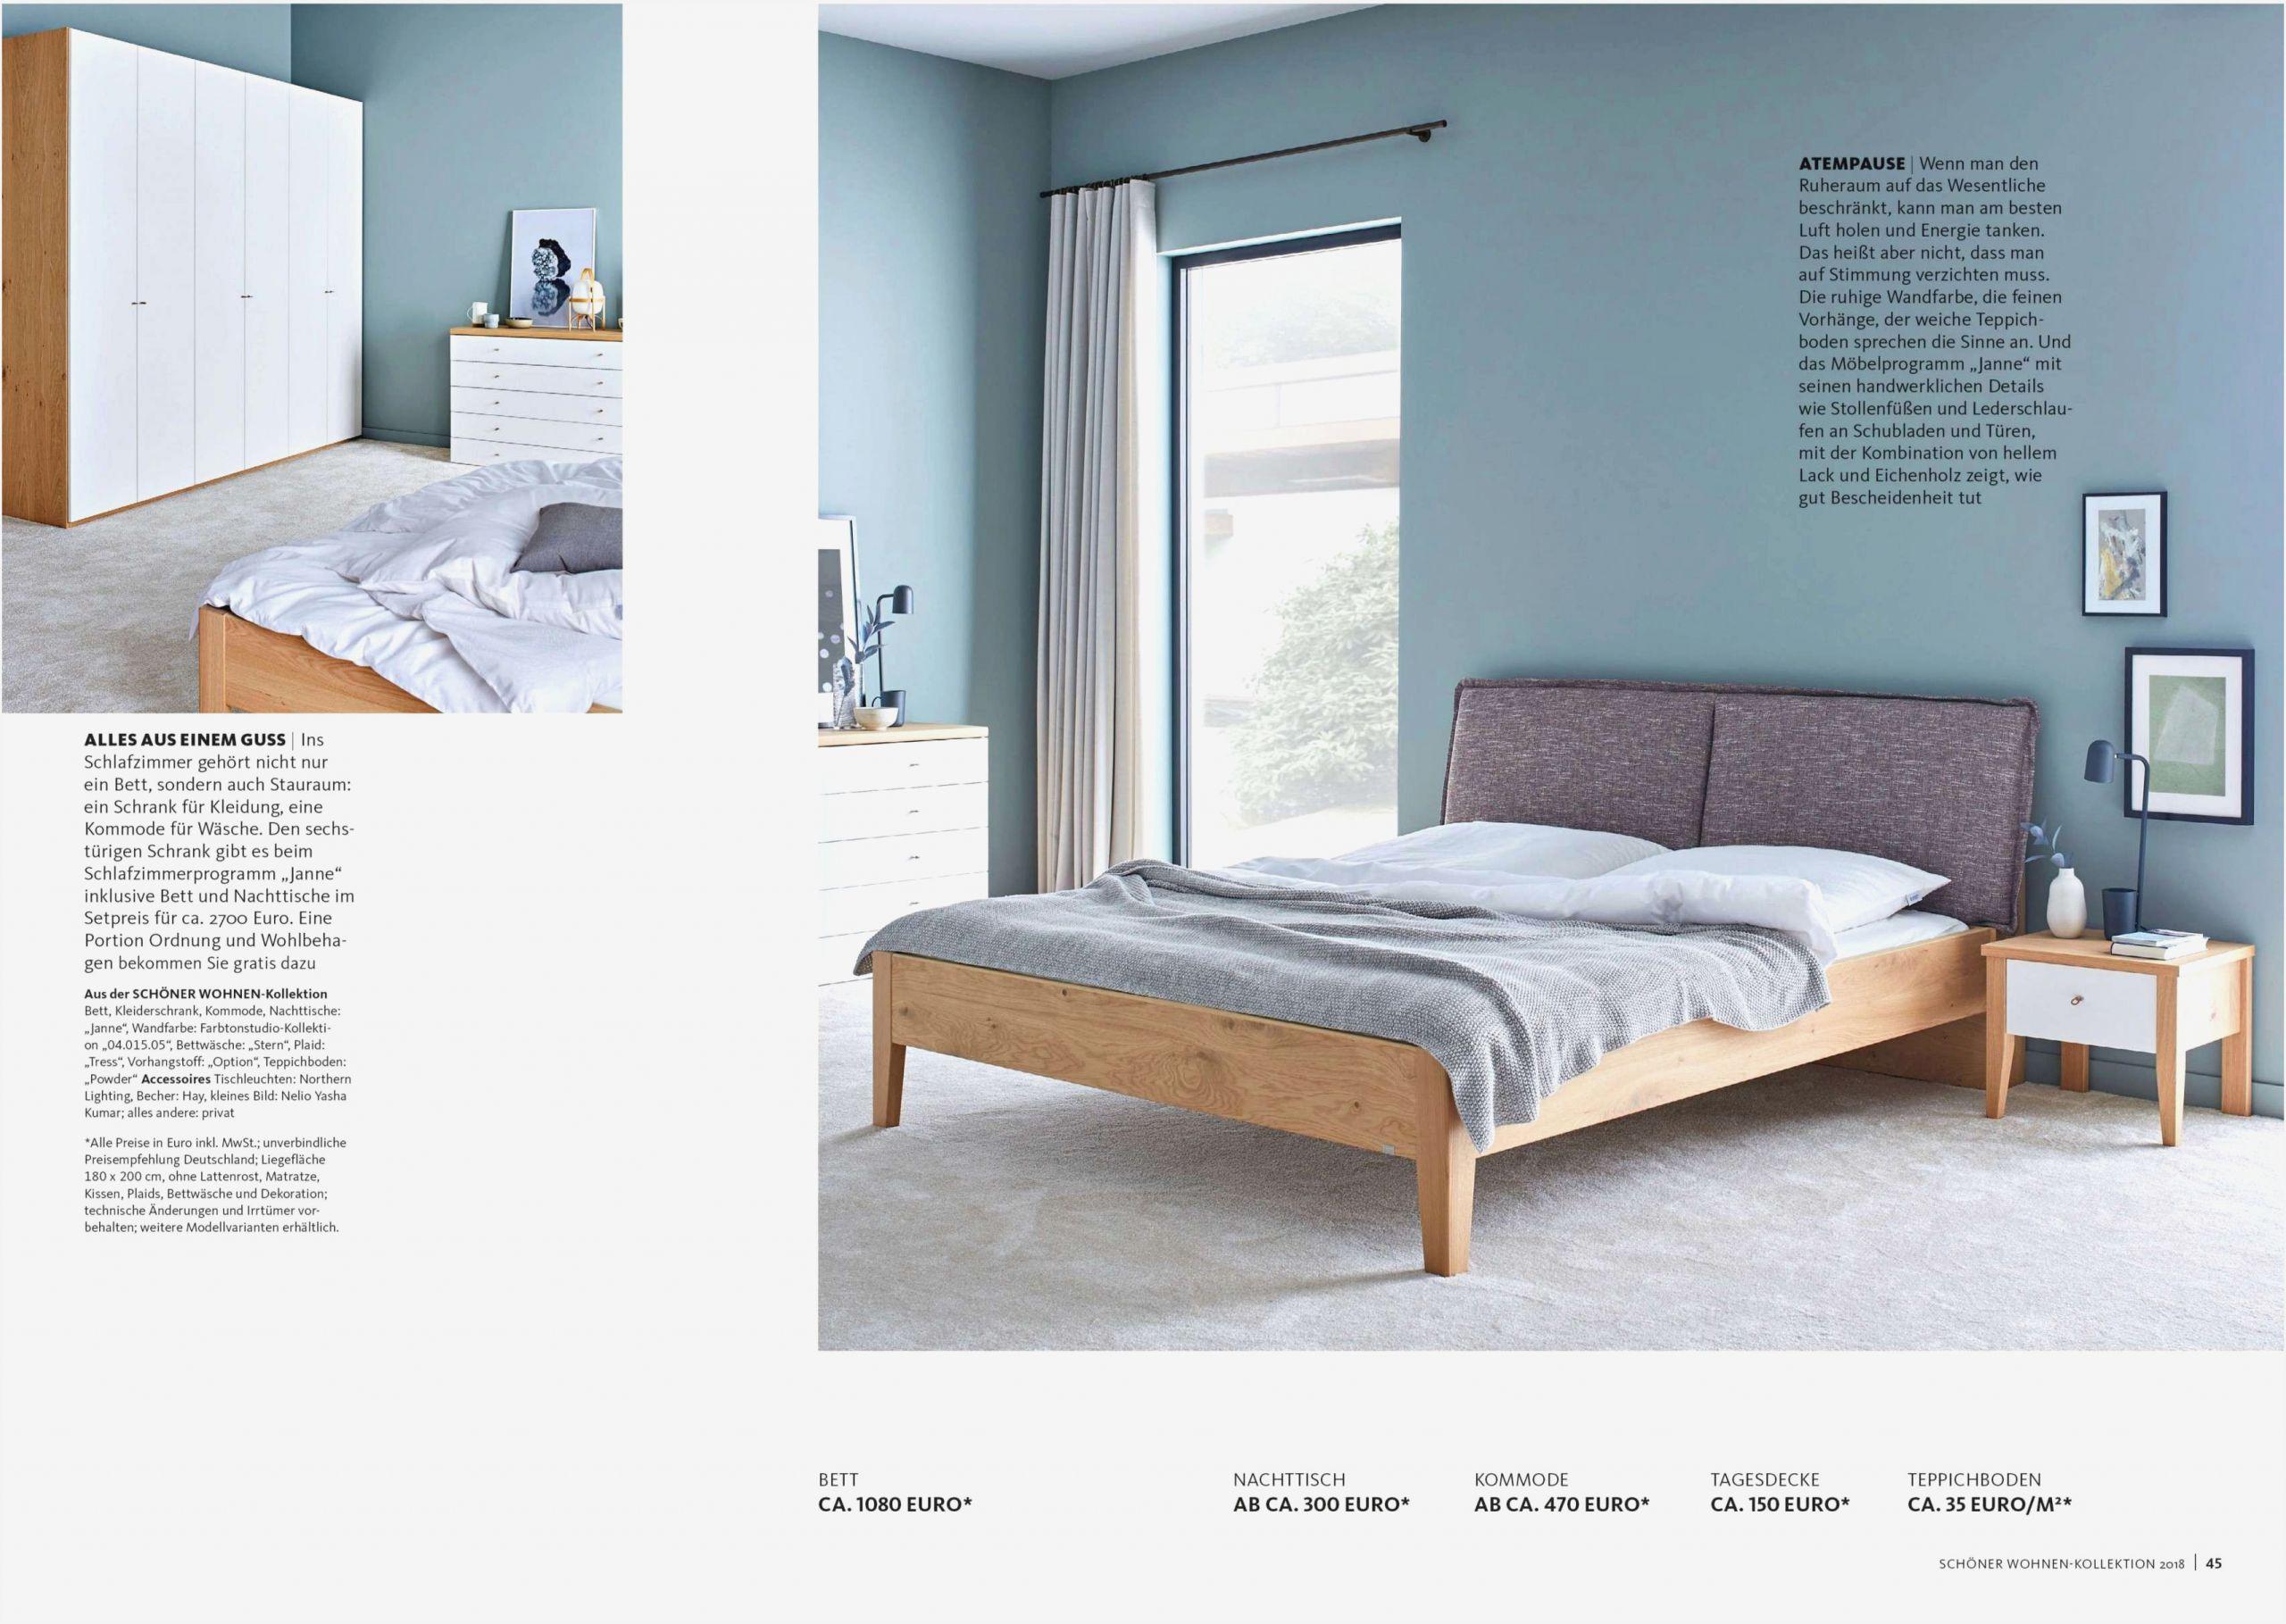 Full Size of Deko Sideboard Wohnzimmer Dekoration Schlafzimmer Für Küche Badezimmer Wanddeko Mit Arbeitsplatte Wohnzimmer Deko Sideboard